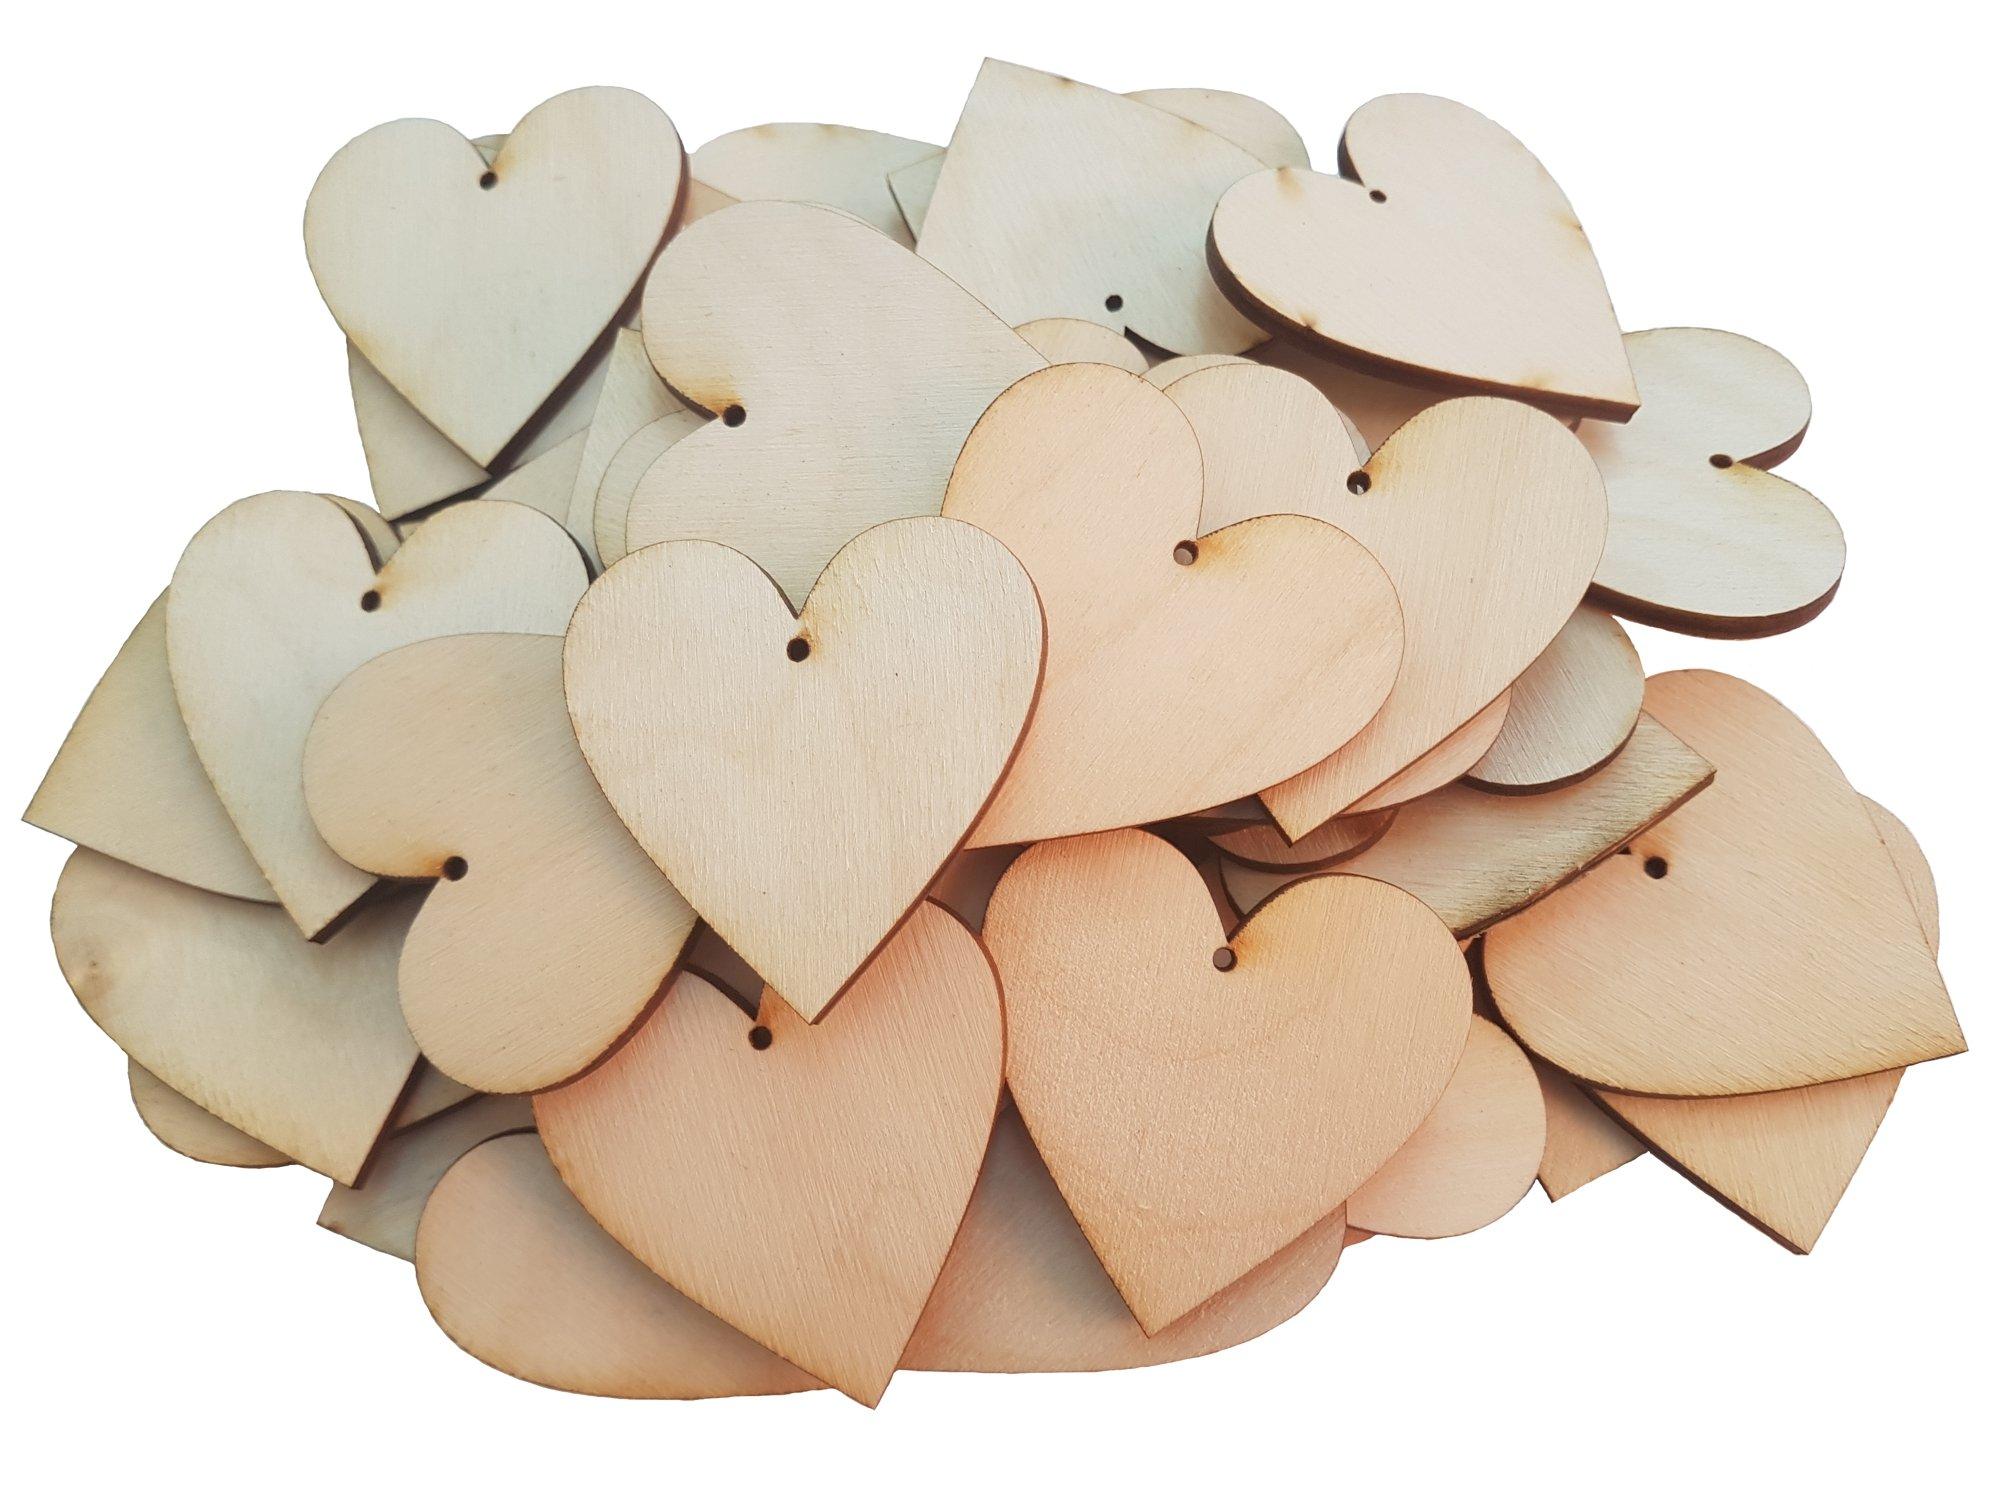 картинки деревянных сердечек стильные предметы мебели